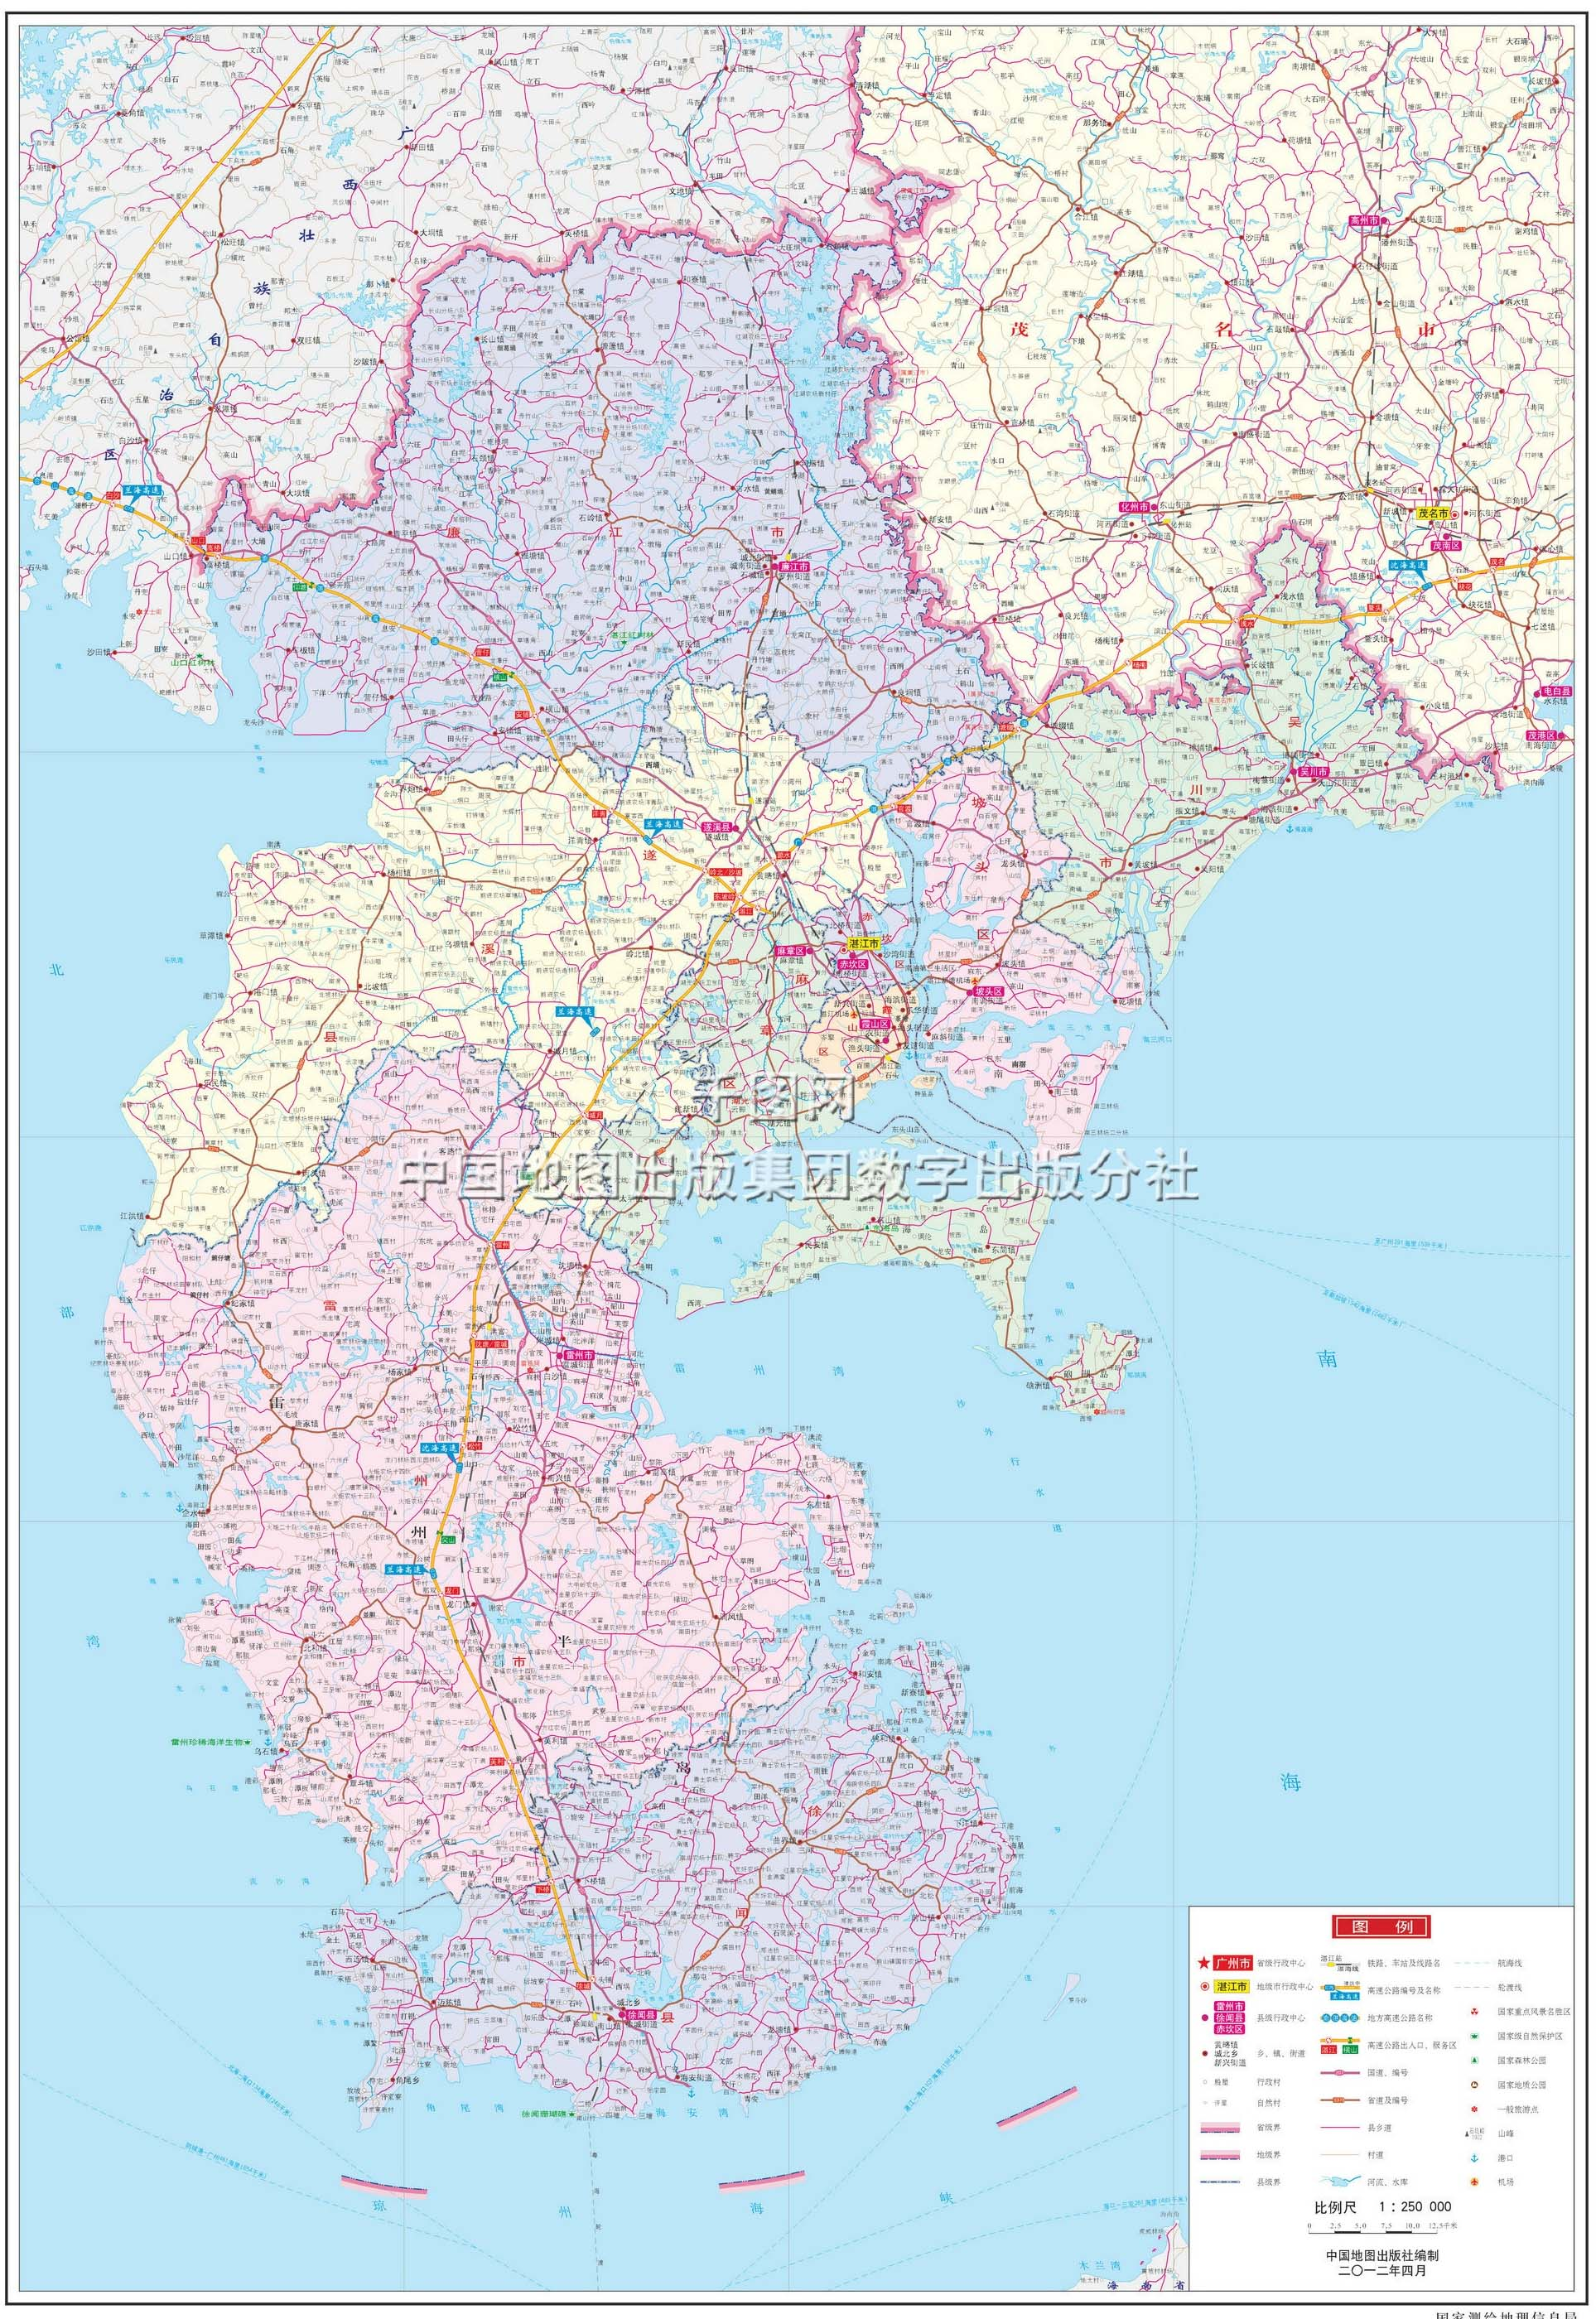 湛江市地图高清版